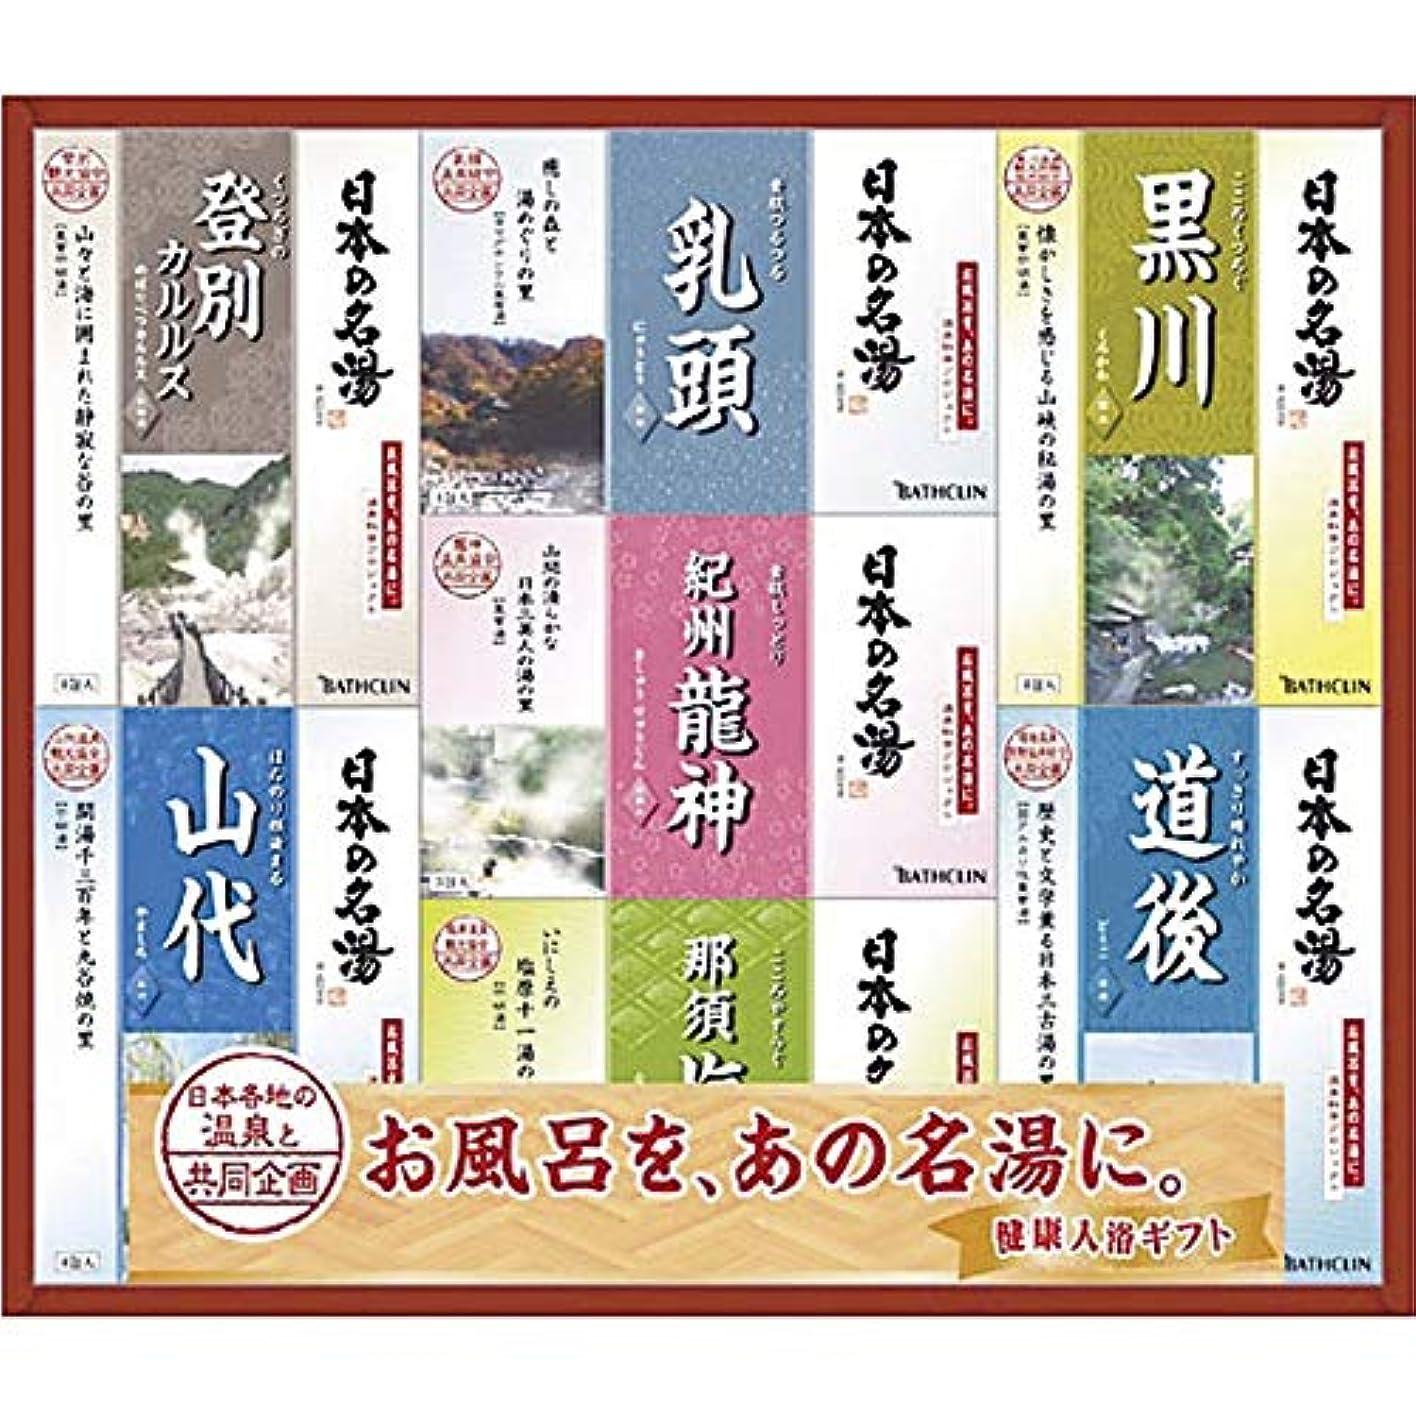 平等サーバ意図的バスクリン 日本の名湯 ギフトセット NMG-25F 【個包装 セット 詰め合わせ 疲労回復 ご褒美 贅沢 プチギフト 温まる 温泉 粉 ご当地 まとめ買い 名湯 リラックス 美肌 つめあわせ やさしい やすらぎ】